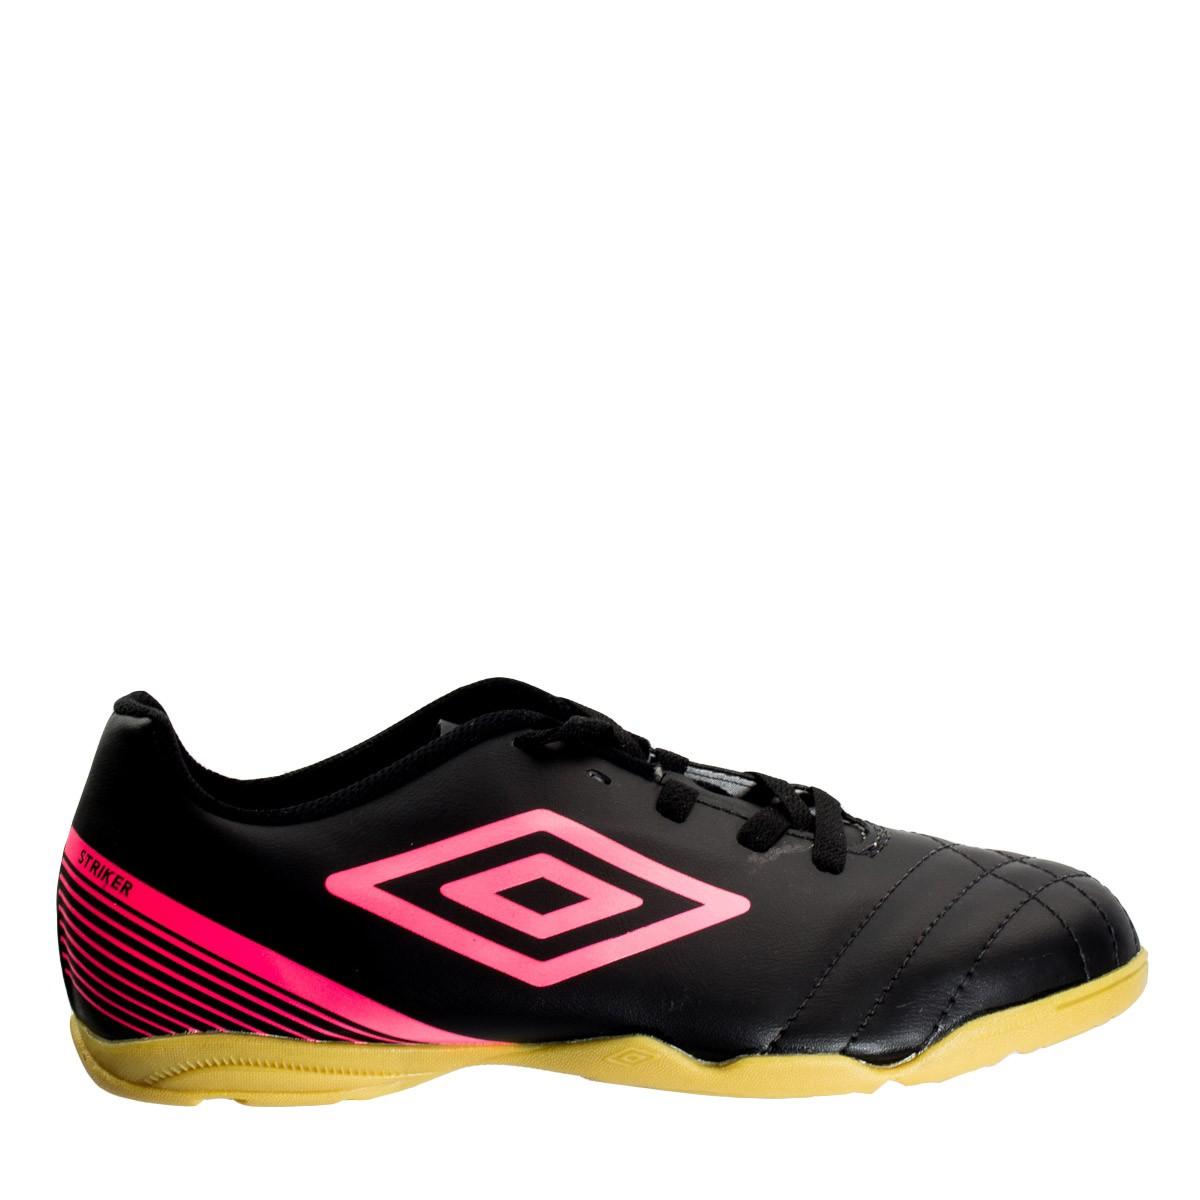 77baa0321a75c Bizz Store - Chuteira Feminina Futsal Umbro Striker III Preta